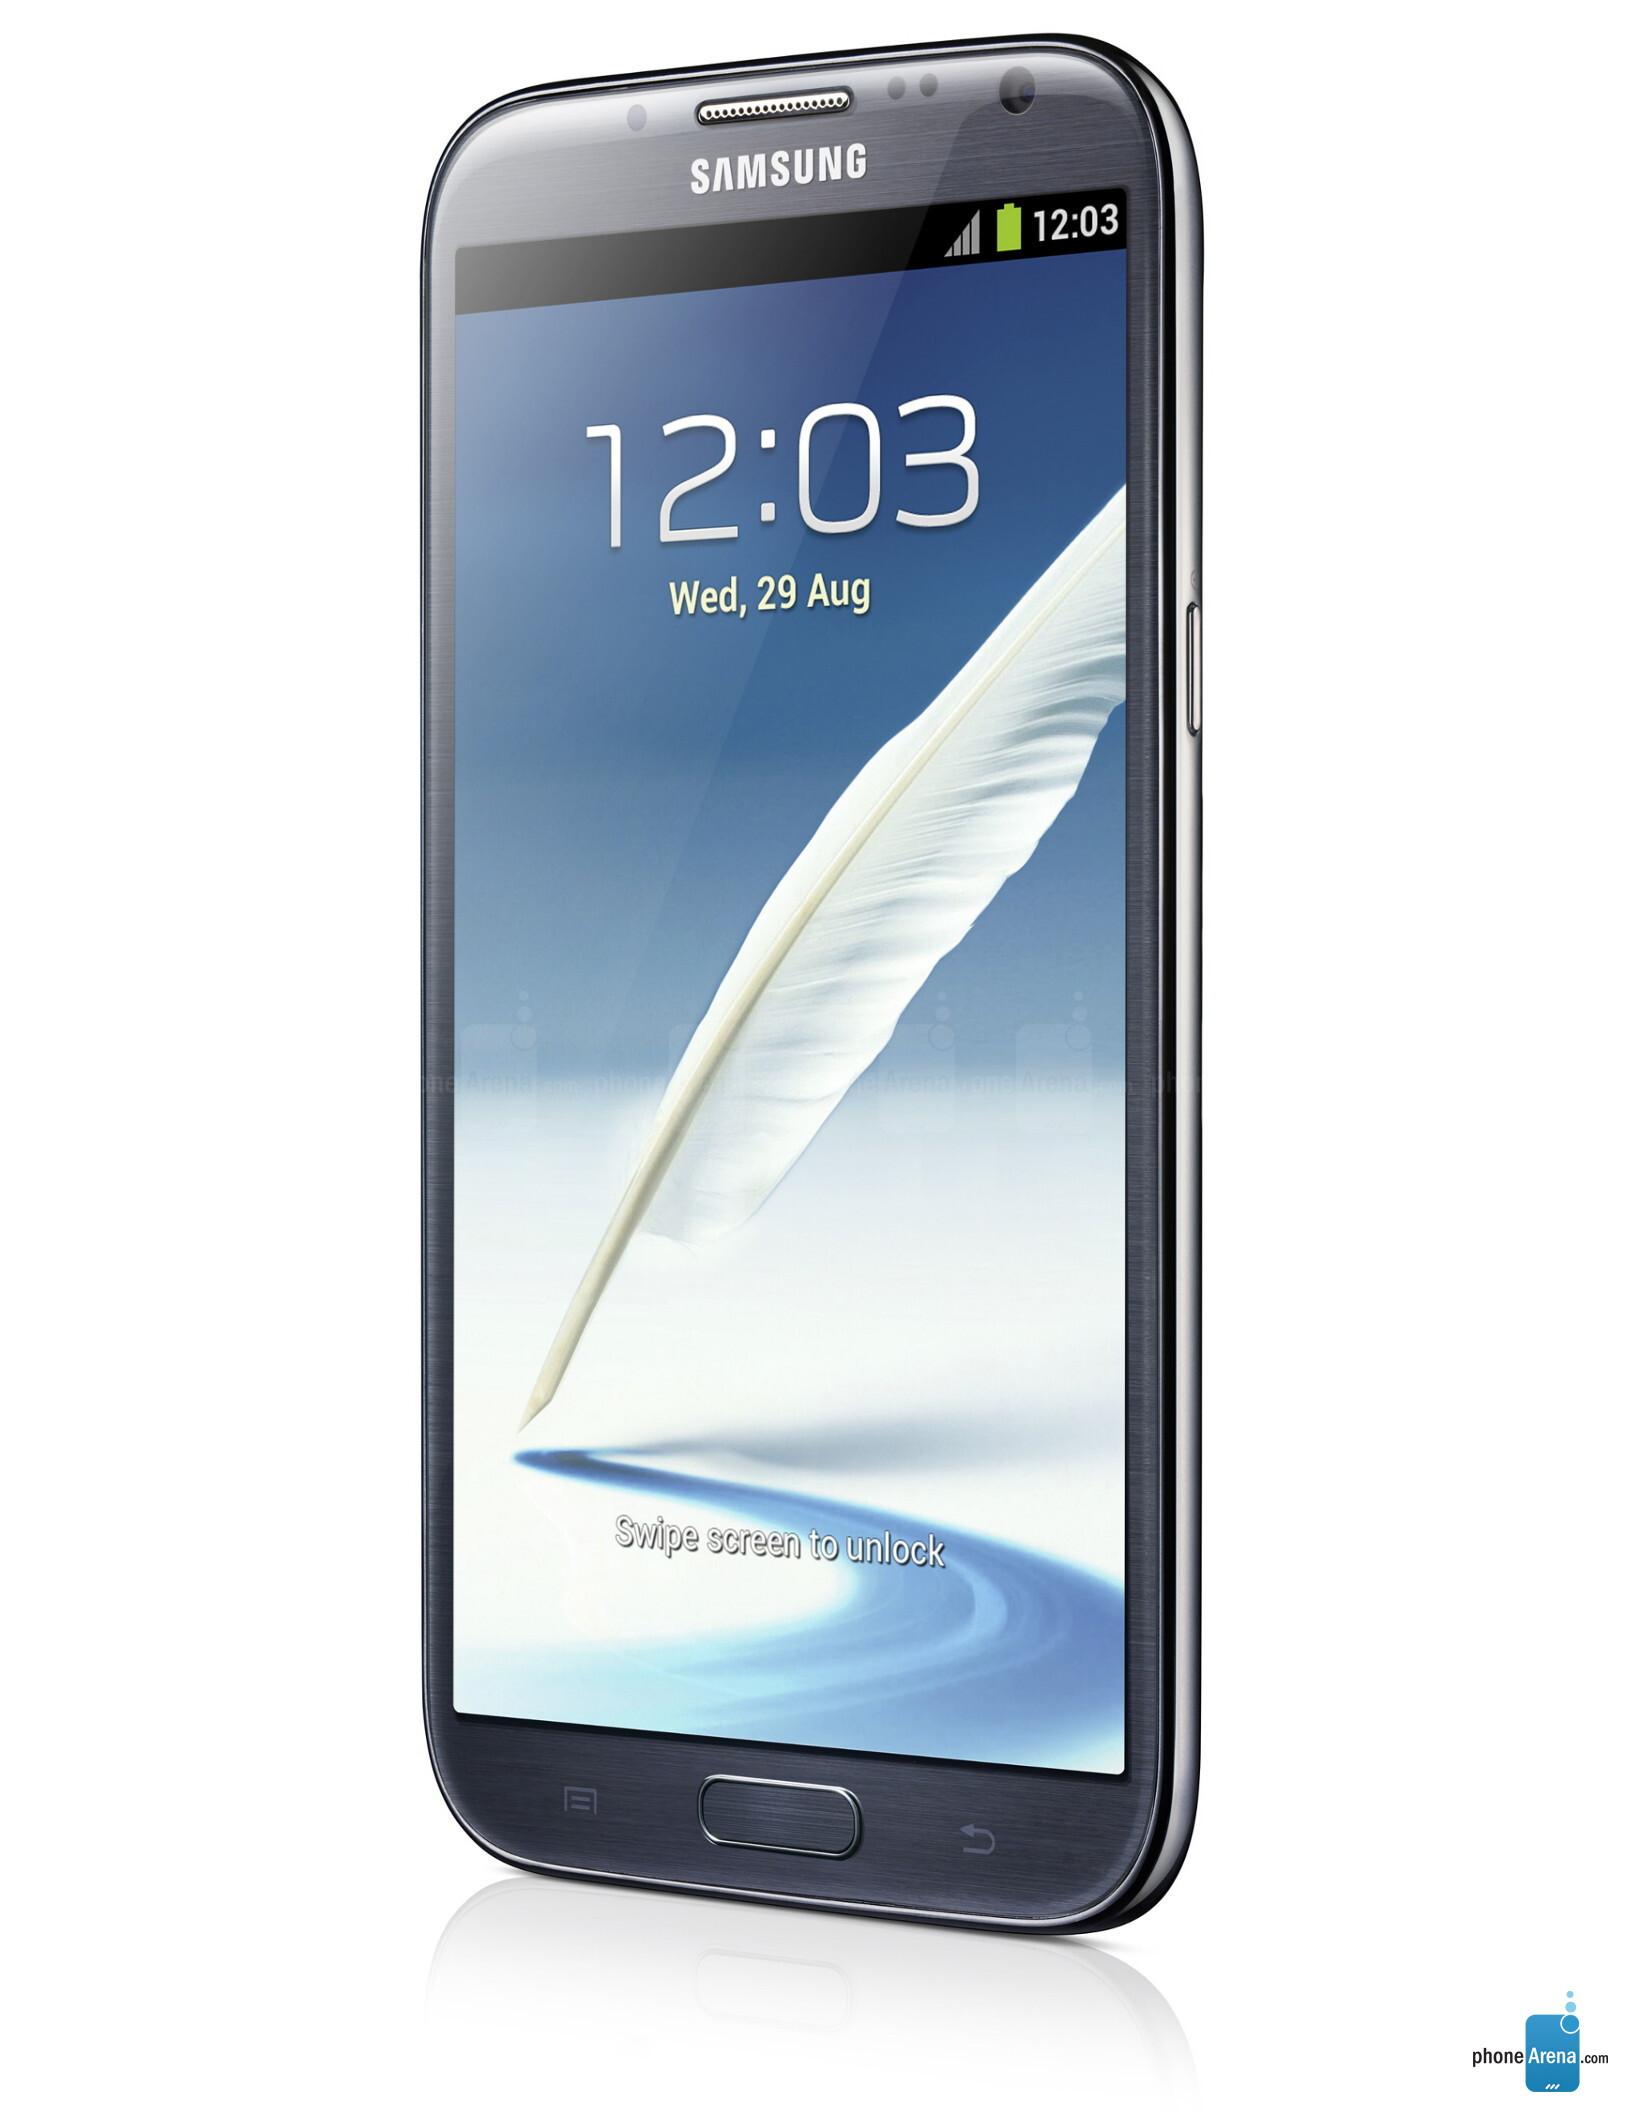 Samsung Galaxy Note Ii Verizon Specs